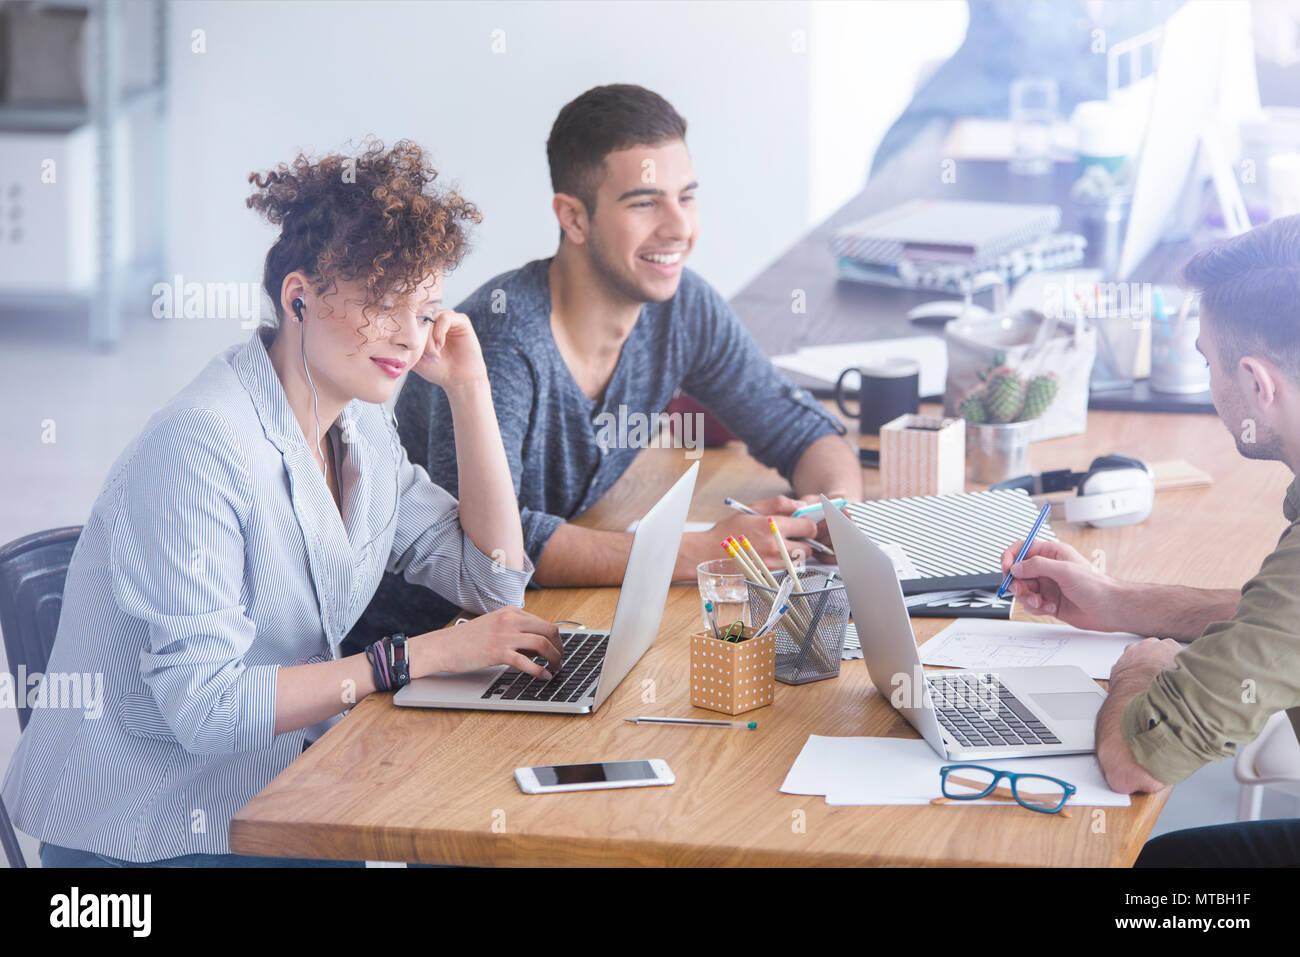 Les collègues ayant une discussion joyeuse dans leur bureau lors d'une pause Photo Stock